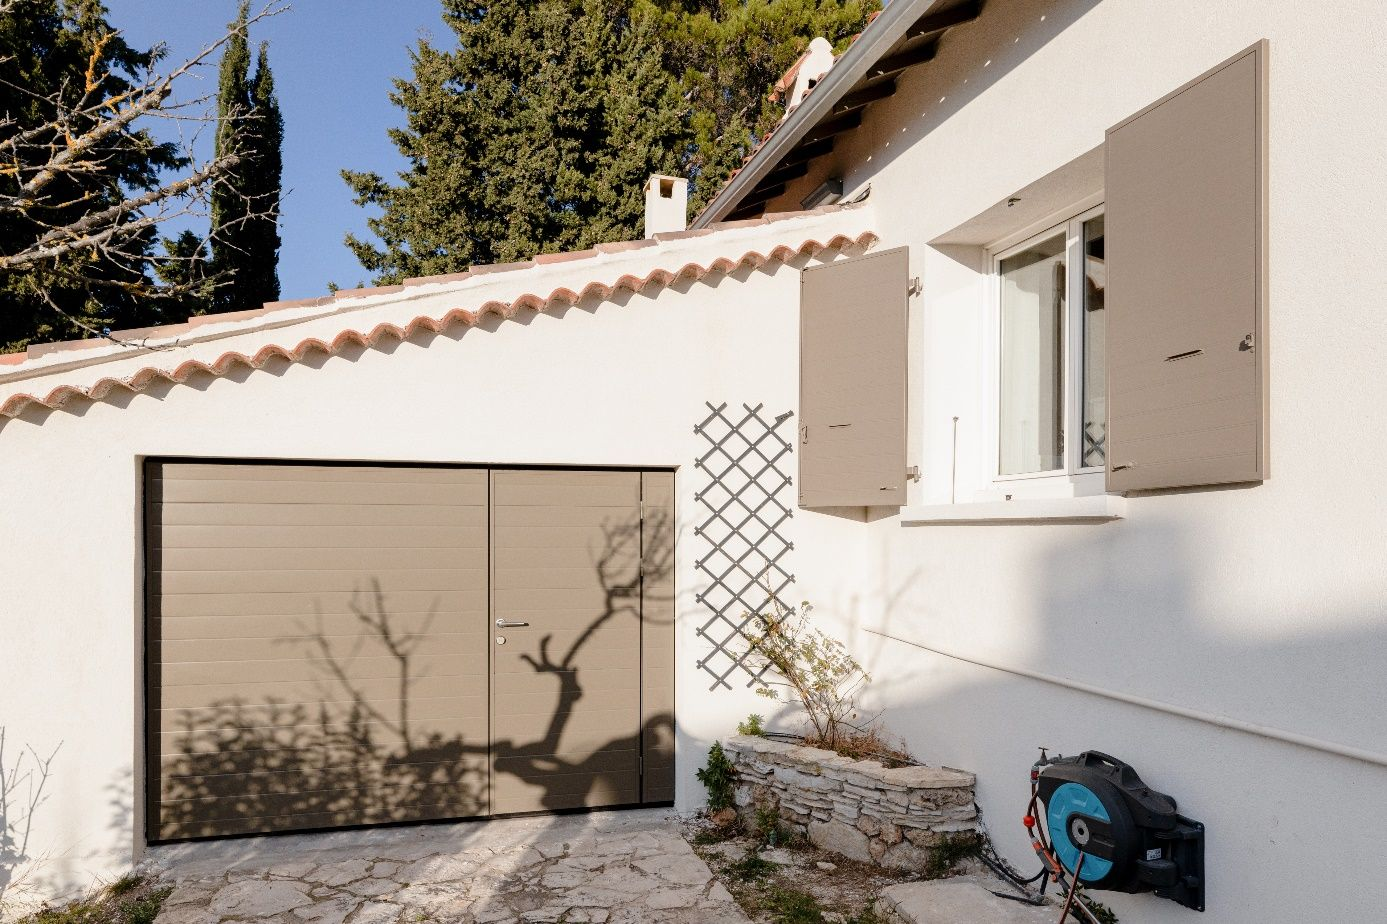 Une image contenant arbre, bâtiment, maison  Description générée automatiquement